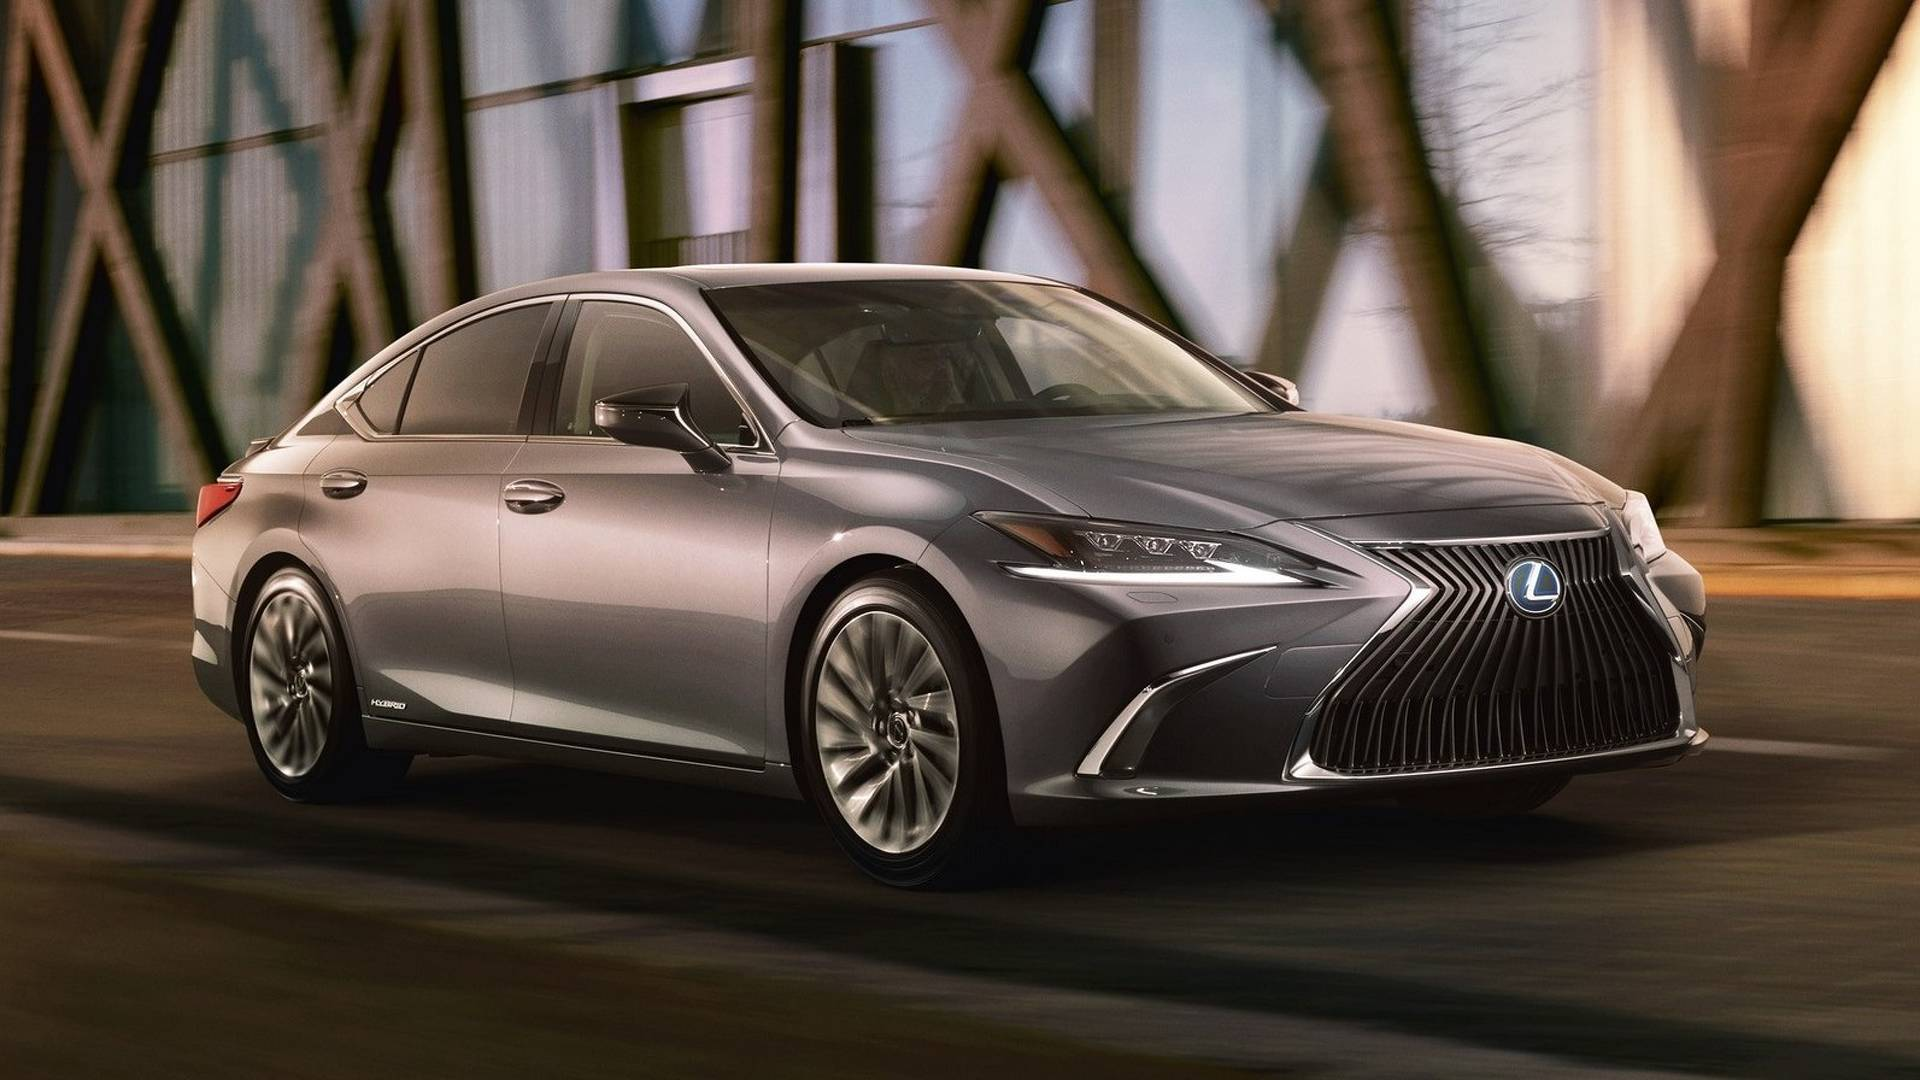 Lexus ES MY 2019 - Teaser